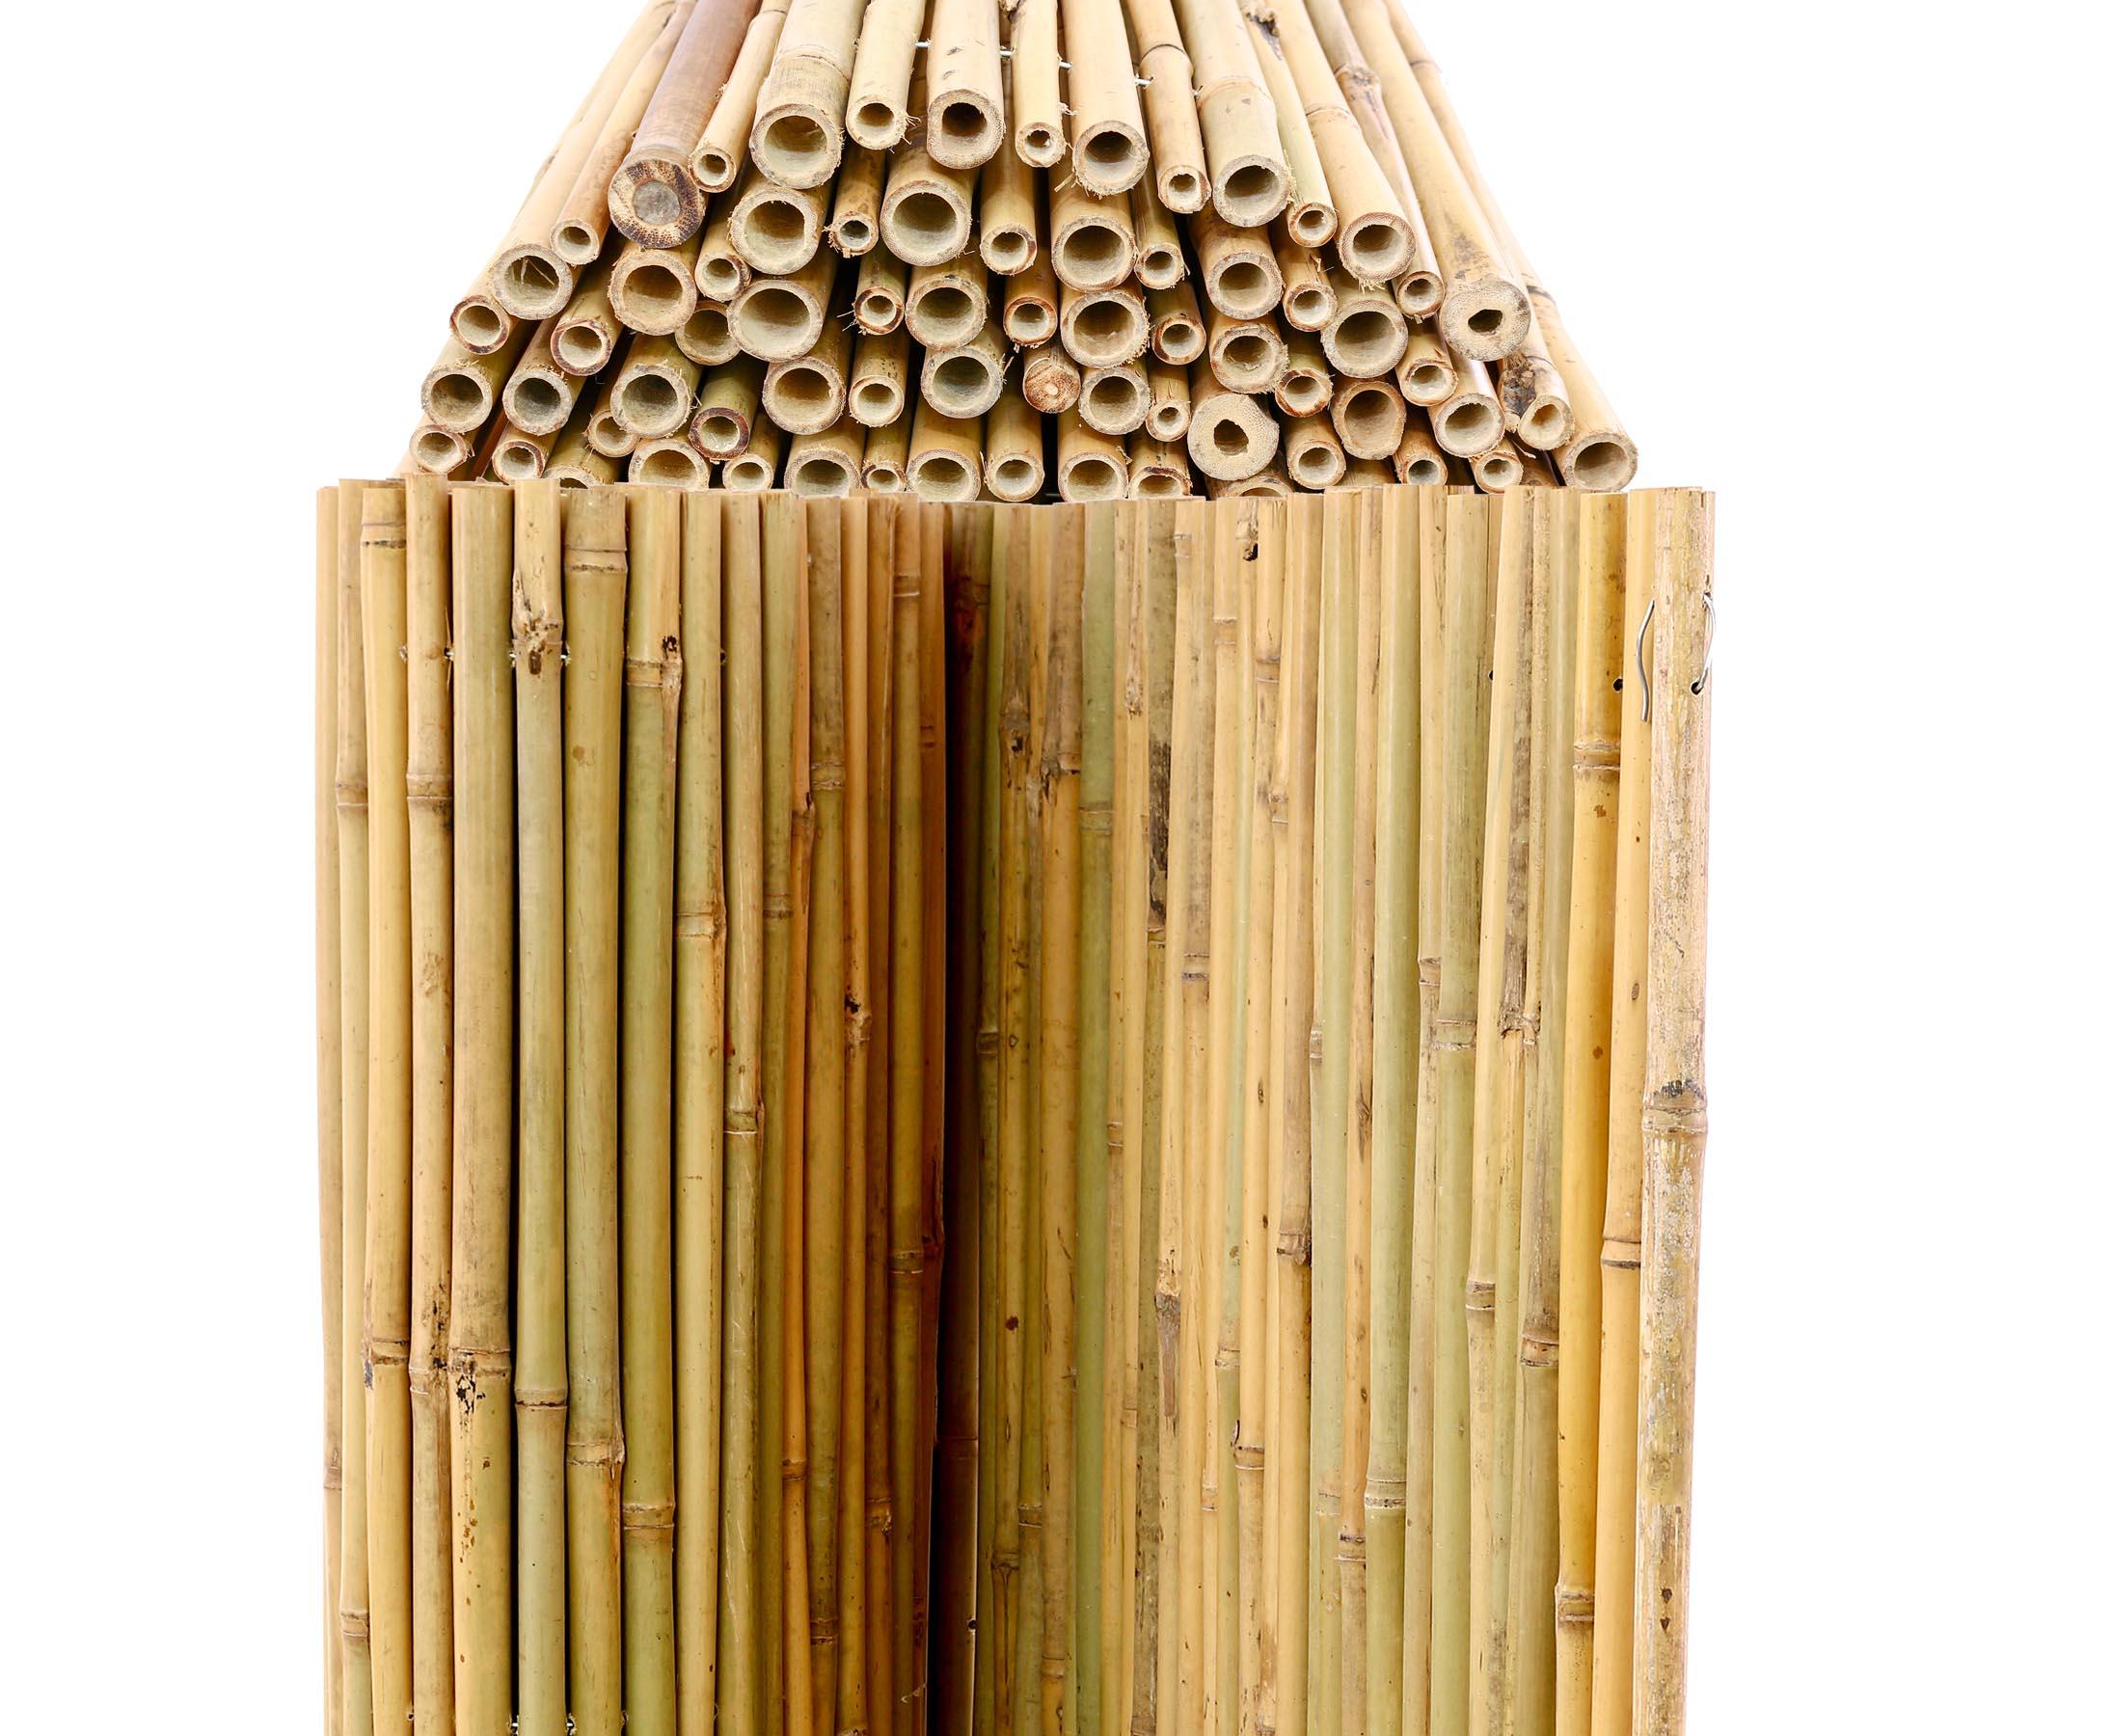 Extrem Stabile Bambusmatten 150x300cm Gunstig Kaufen